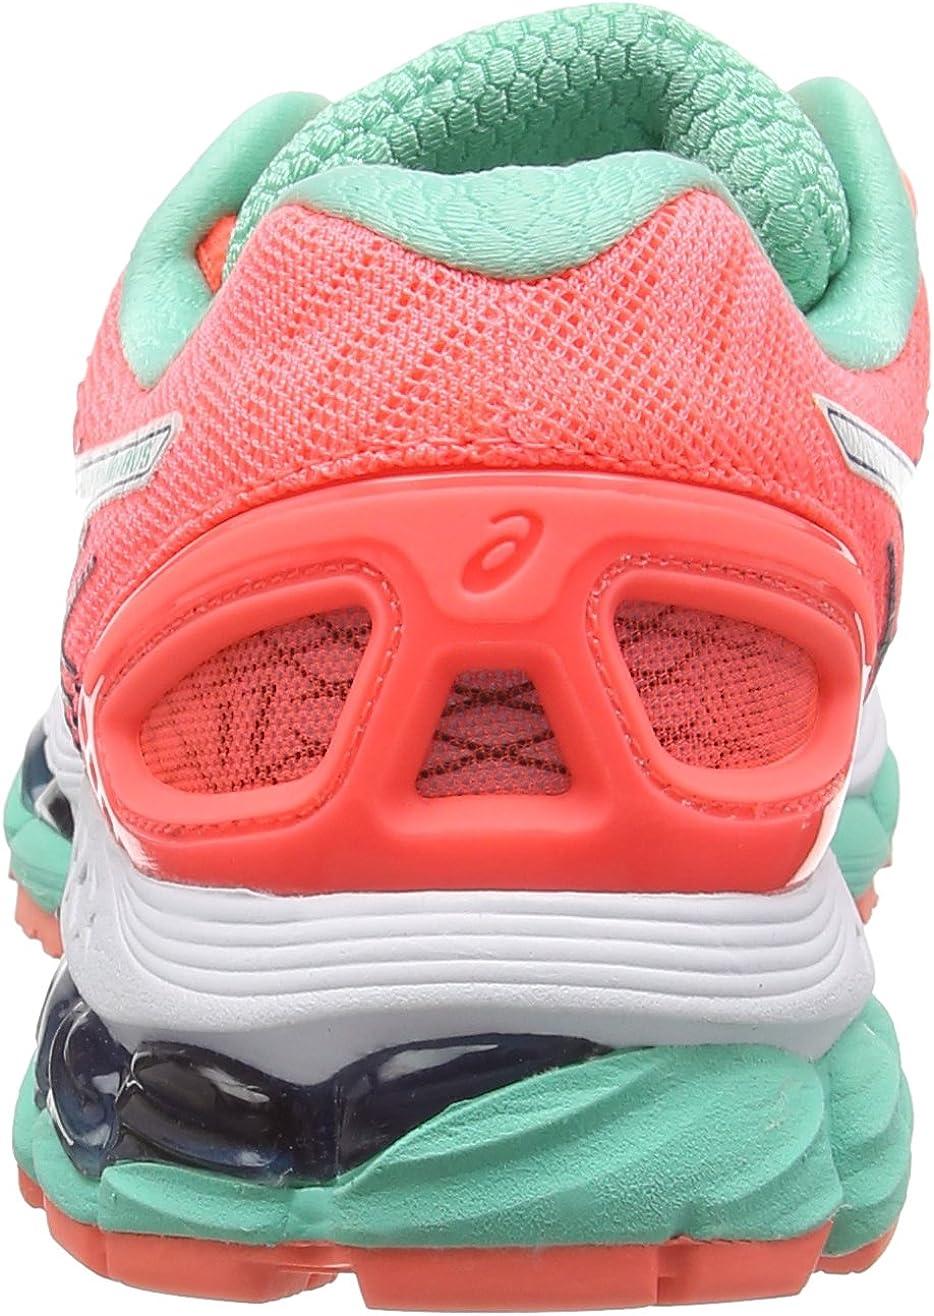 ASICS Gel-Nimbus 17 - Zapatillas de Running para Mujer, Color Rojo (Flash Coral/White/Indigo Blue 0601), Talla 35.5 EU (3 UK/5 US): Amazon.es: Zapatos y complementos